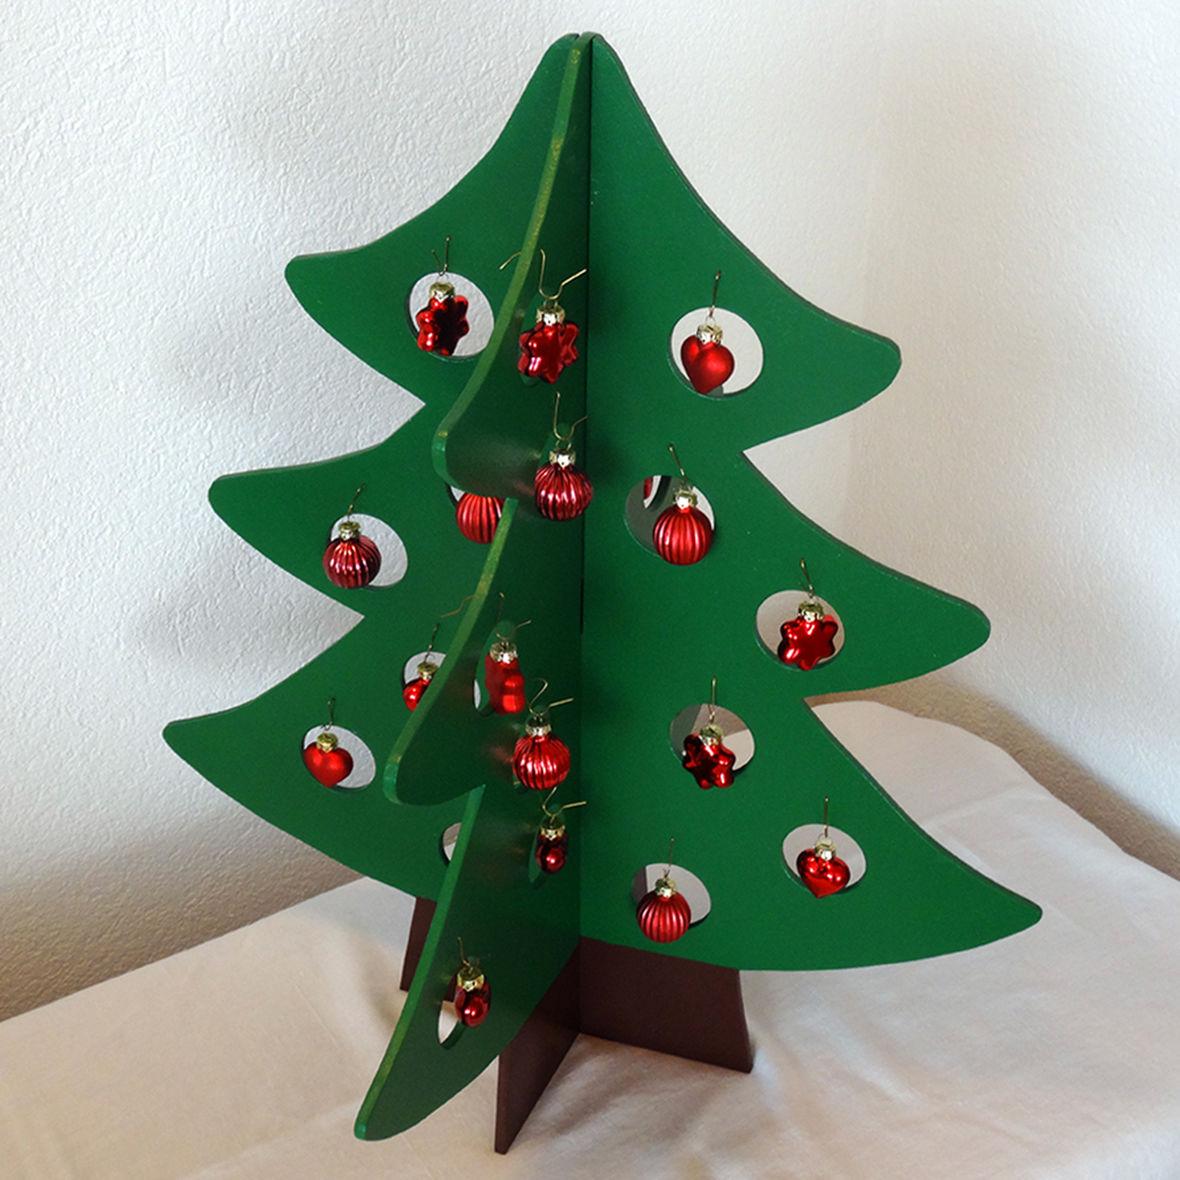 Weihnachtskalender Tannenbaum.Adventskalender Tannenbaum Oder Nadelloser Weihnachtsbaum